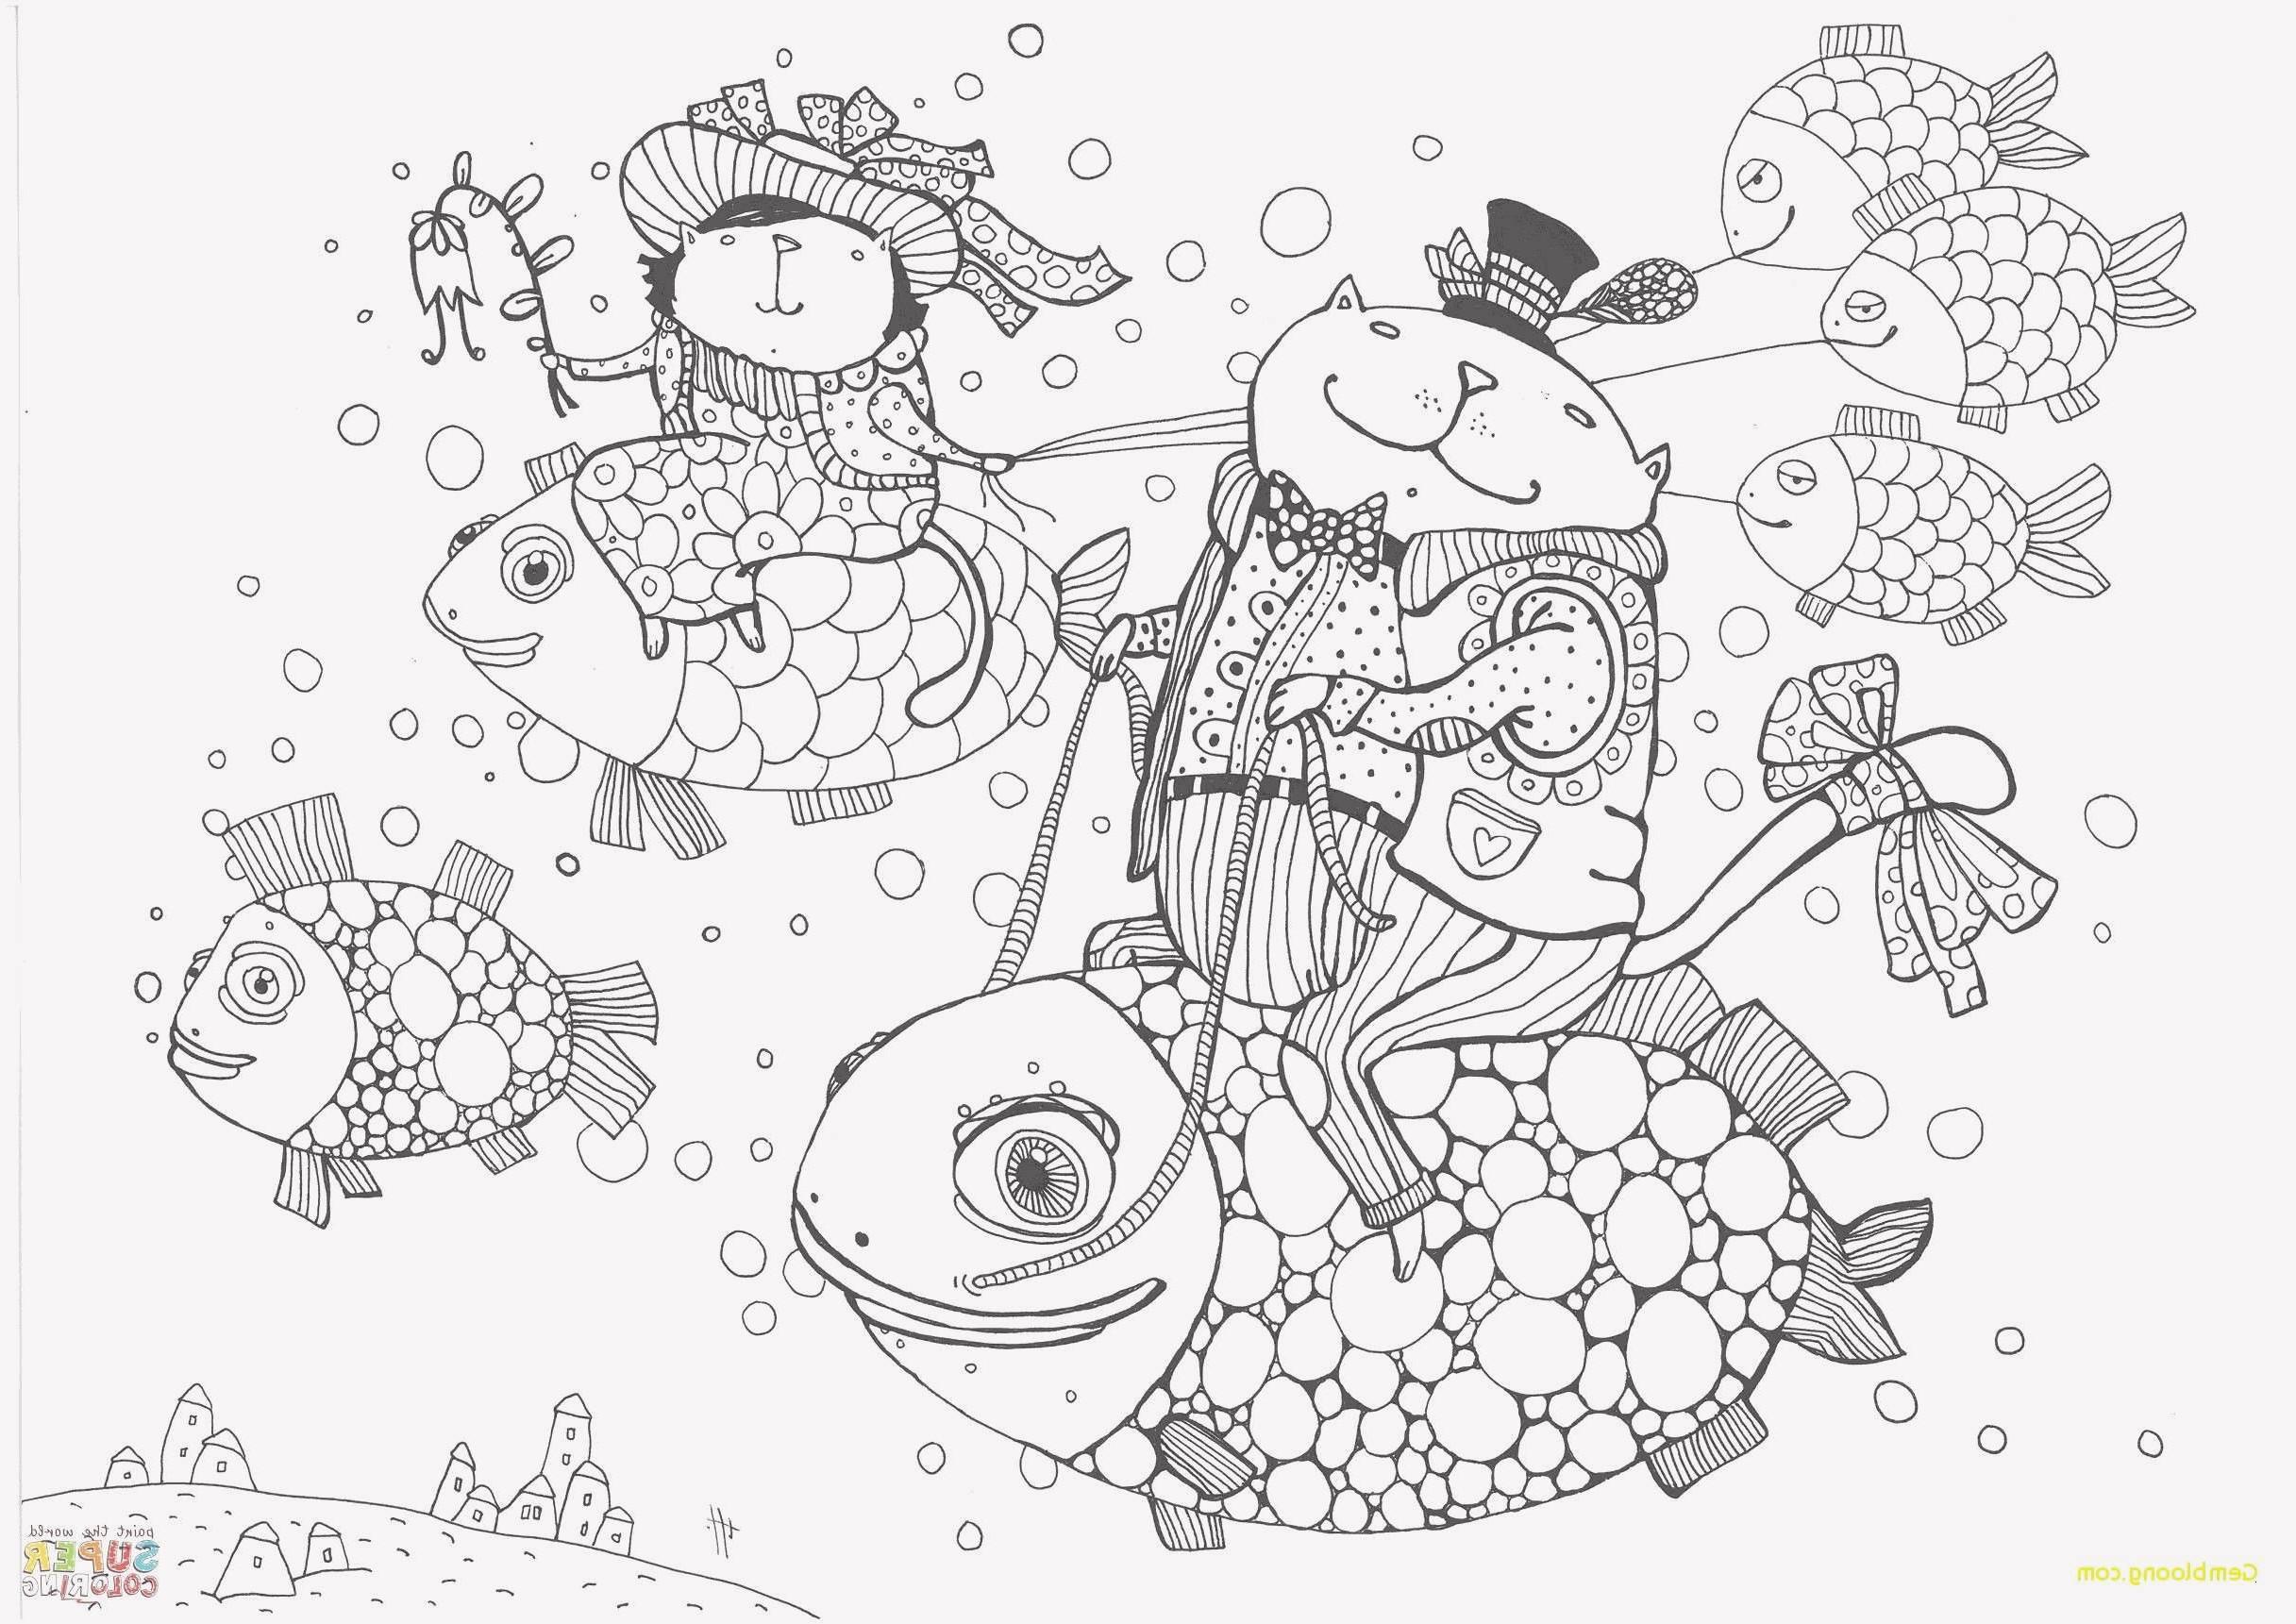 Ausmalbild Weltkugel Mit Kindern Genial 25 Frisch Ausmalbilder Für Erwachsene Zum Ausdrucken Kostenlos Bild